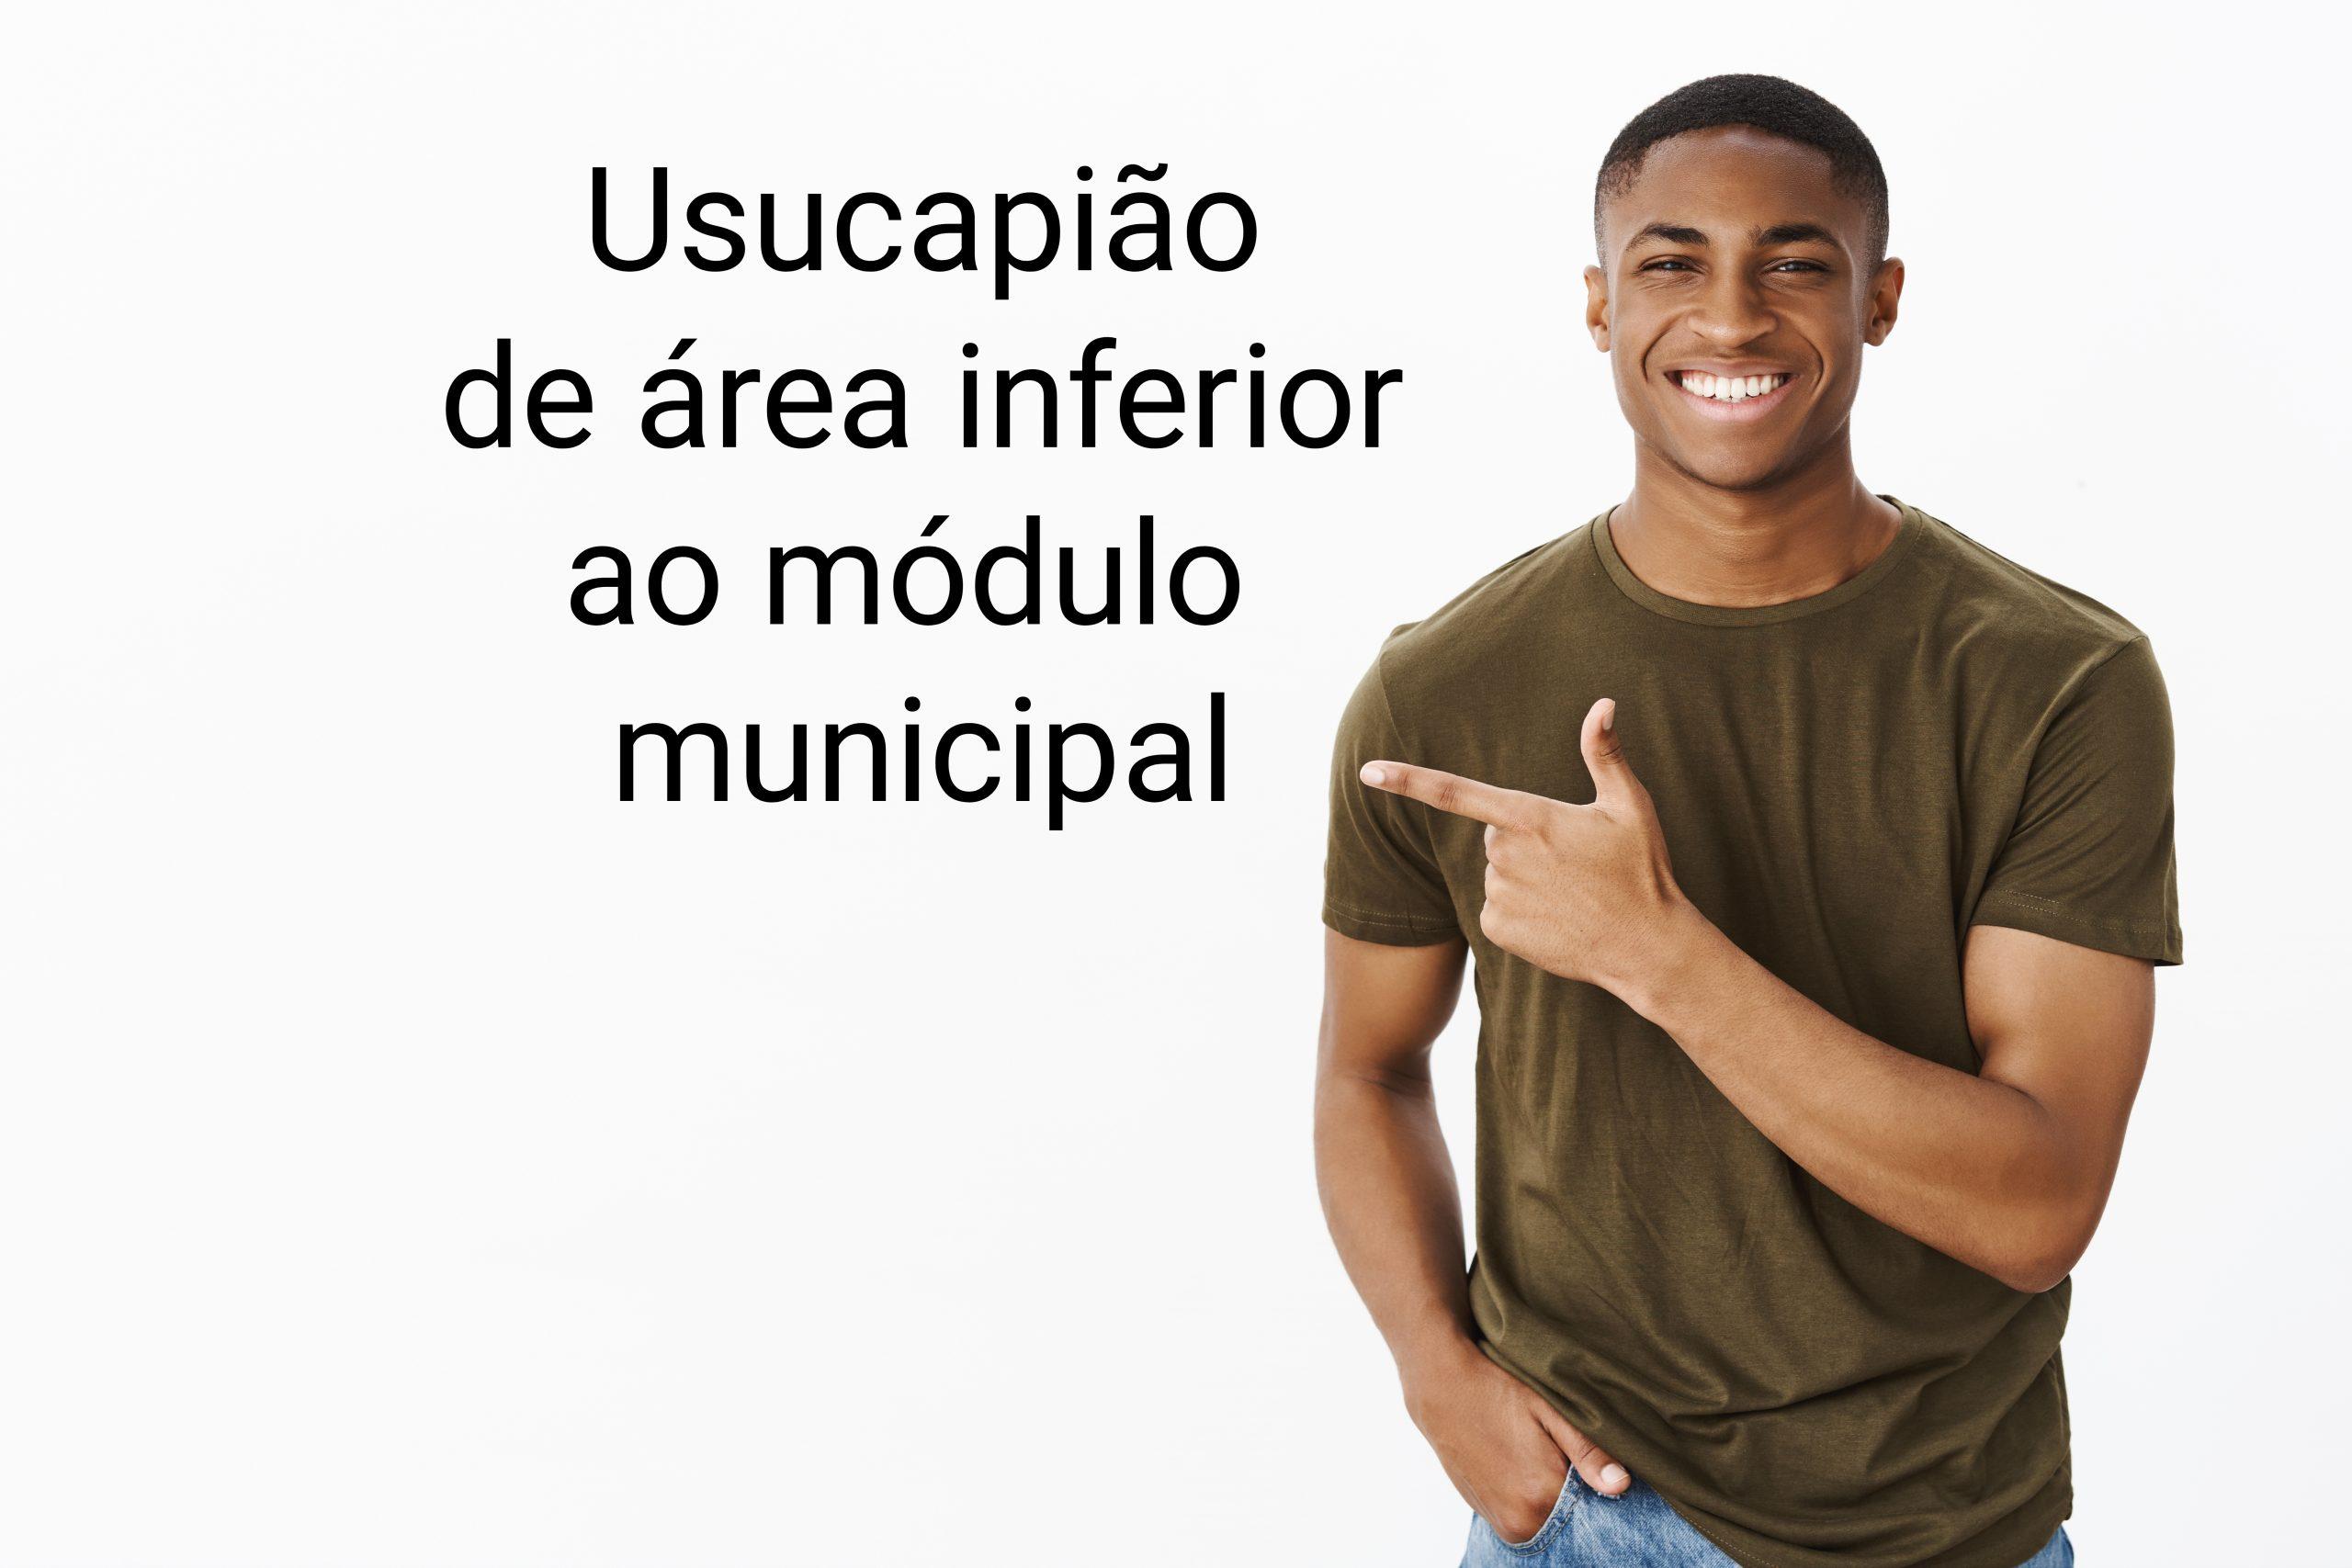 Usucapião de área inferior ao módulo municipal